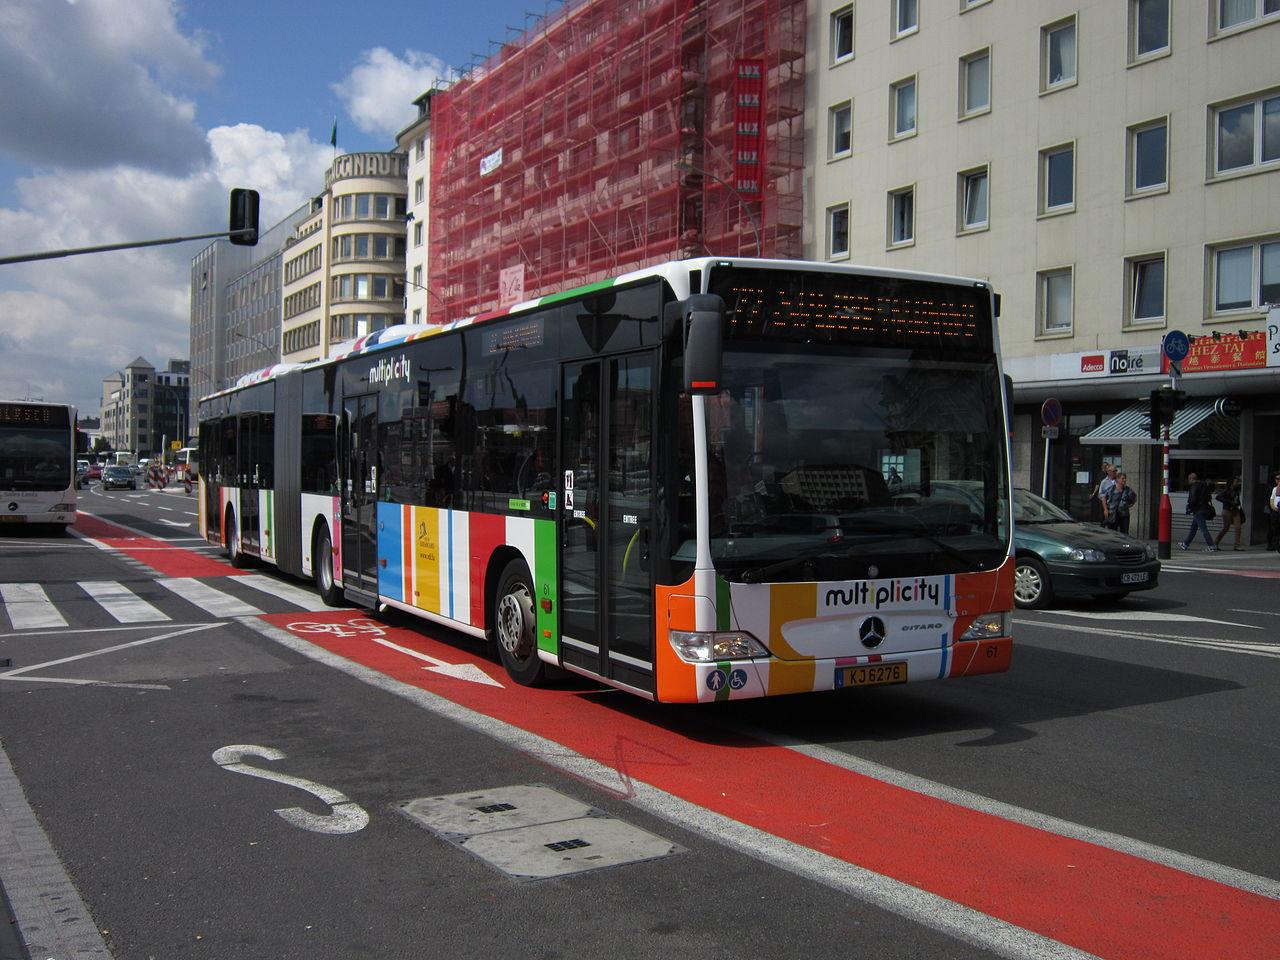 file:luxembourg avl mercedes-benz citaro g n°61 l22 gare centrale